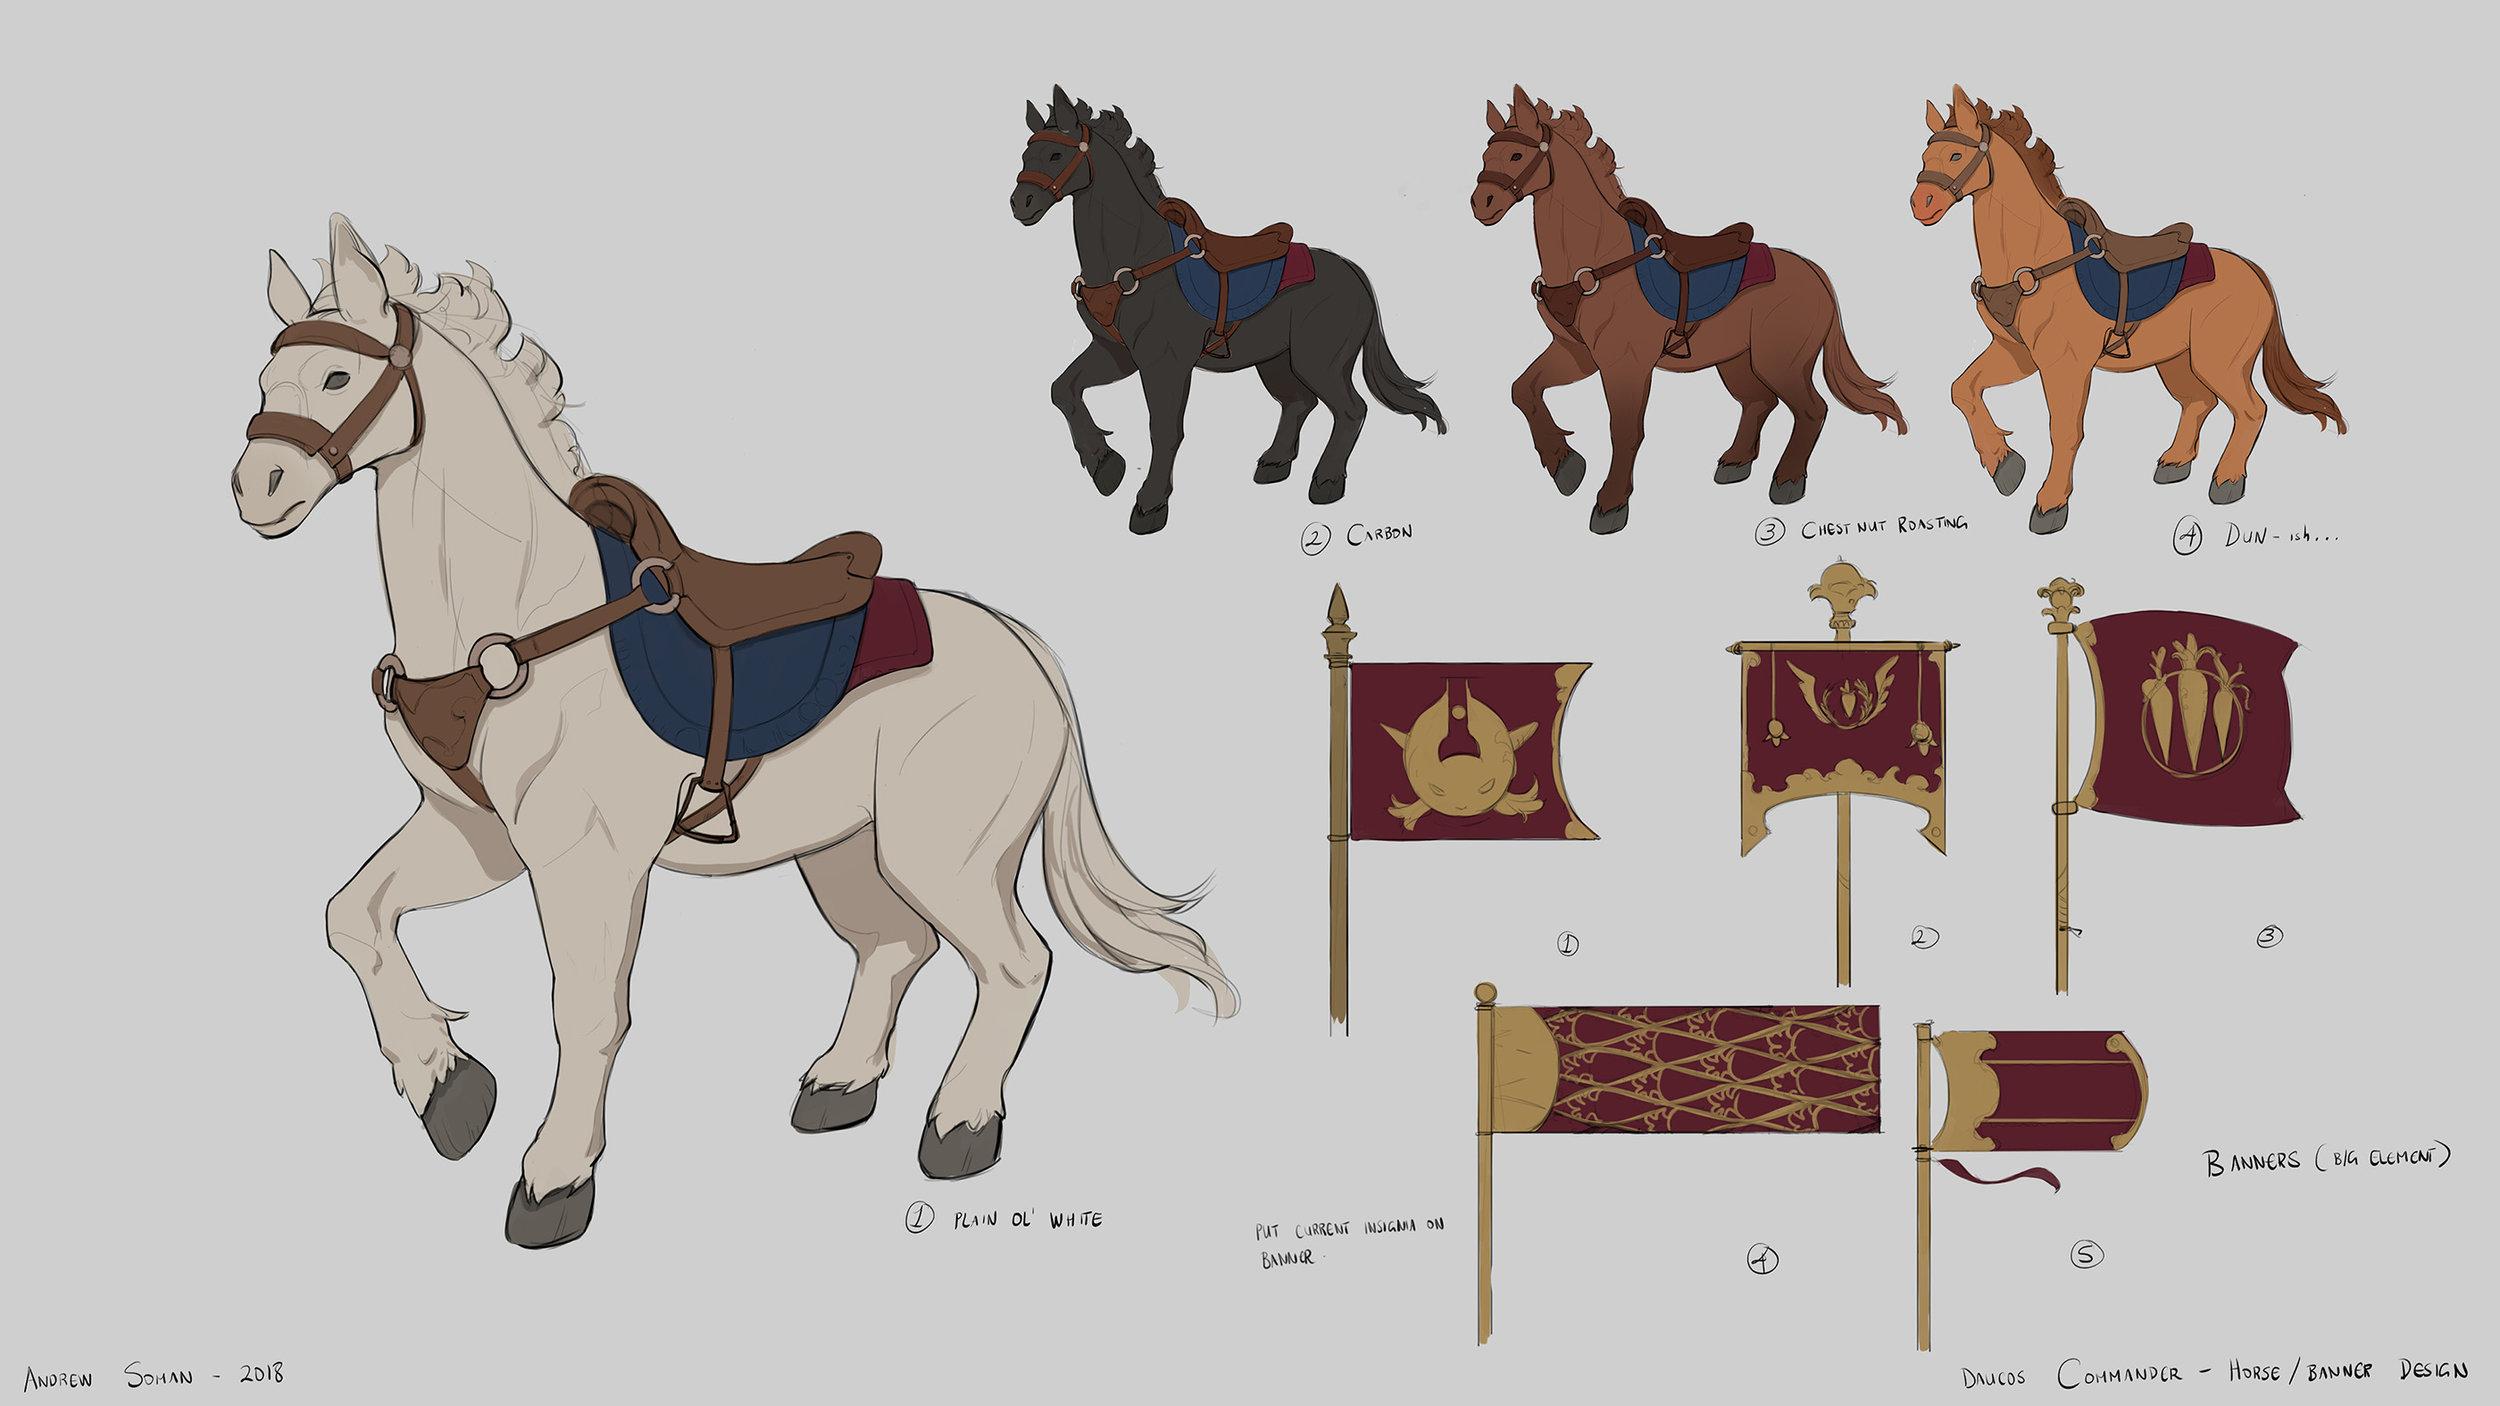 jadeowl_daucoscommander_horses.jpg